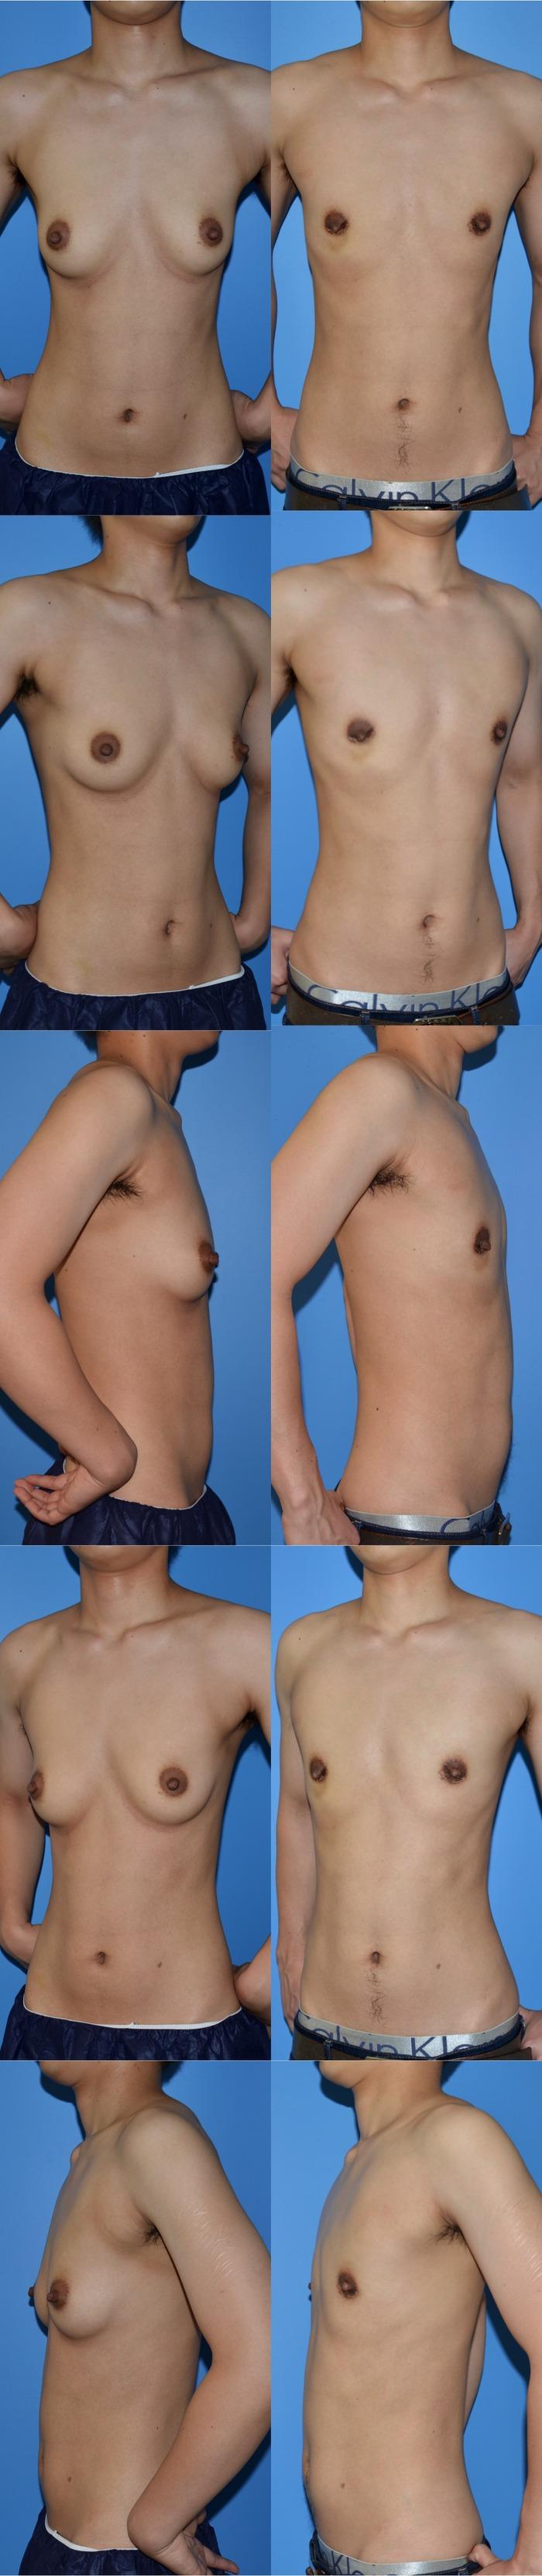 乳腺切除nh1年1ヶ月